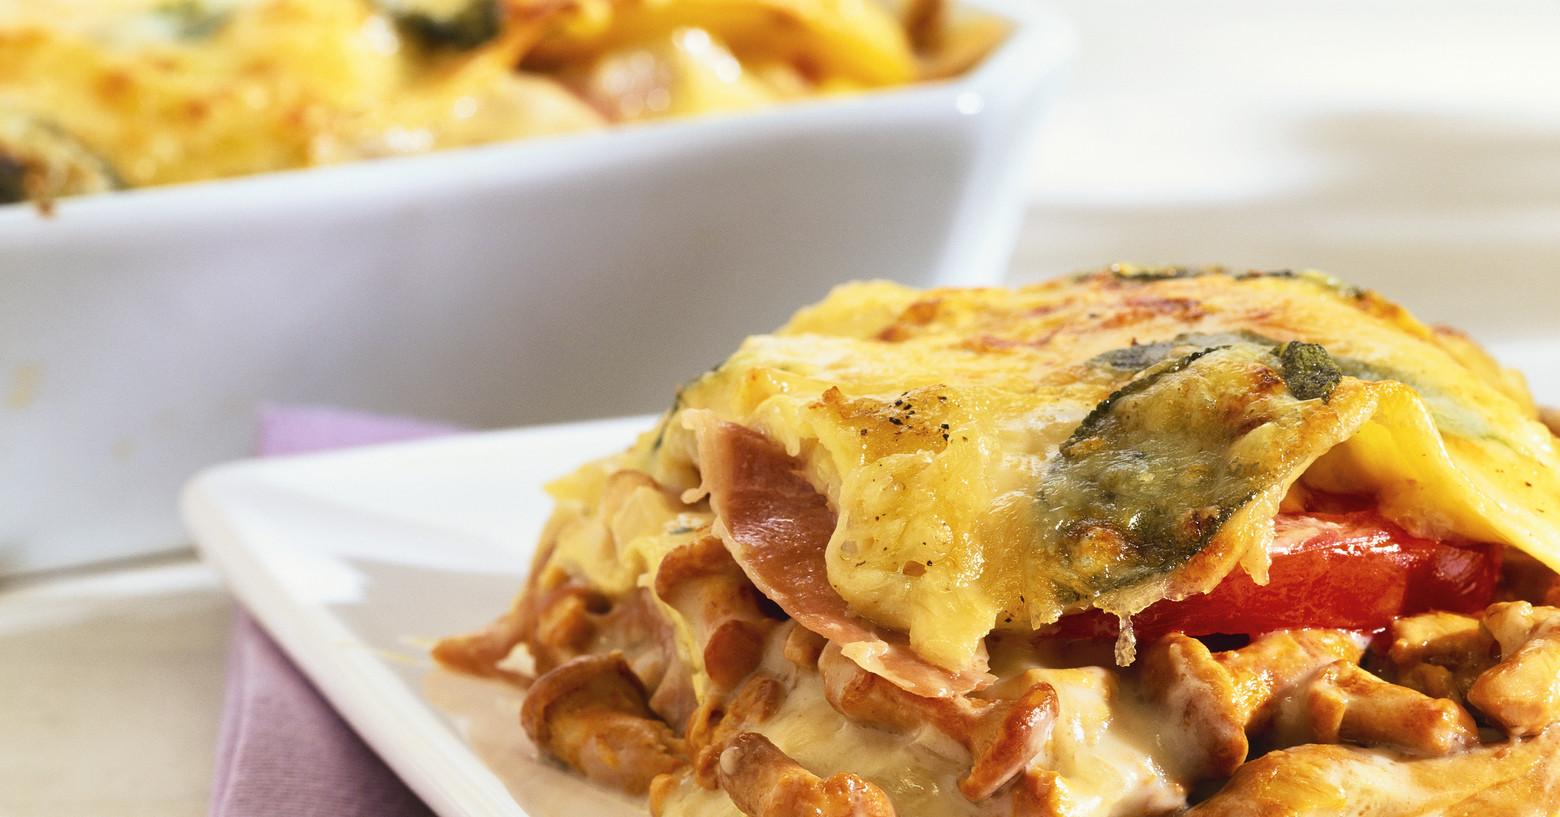 Как приготовить макароны с мясом в духовке вкусно: изменение порций, персональная кулинарная книжка, подсчет калорий, пошаговые фото, поиск по ингредиентам.